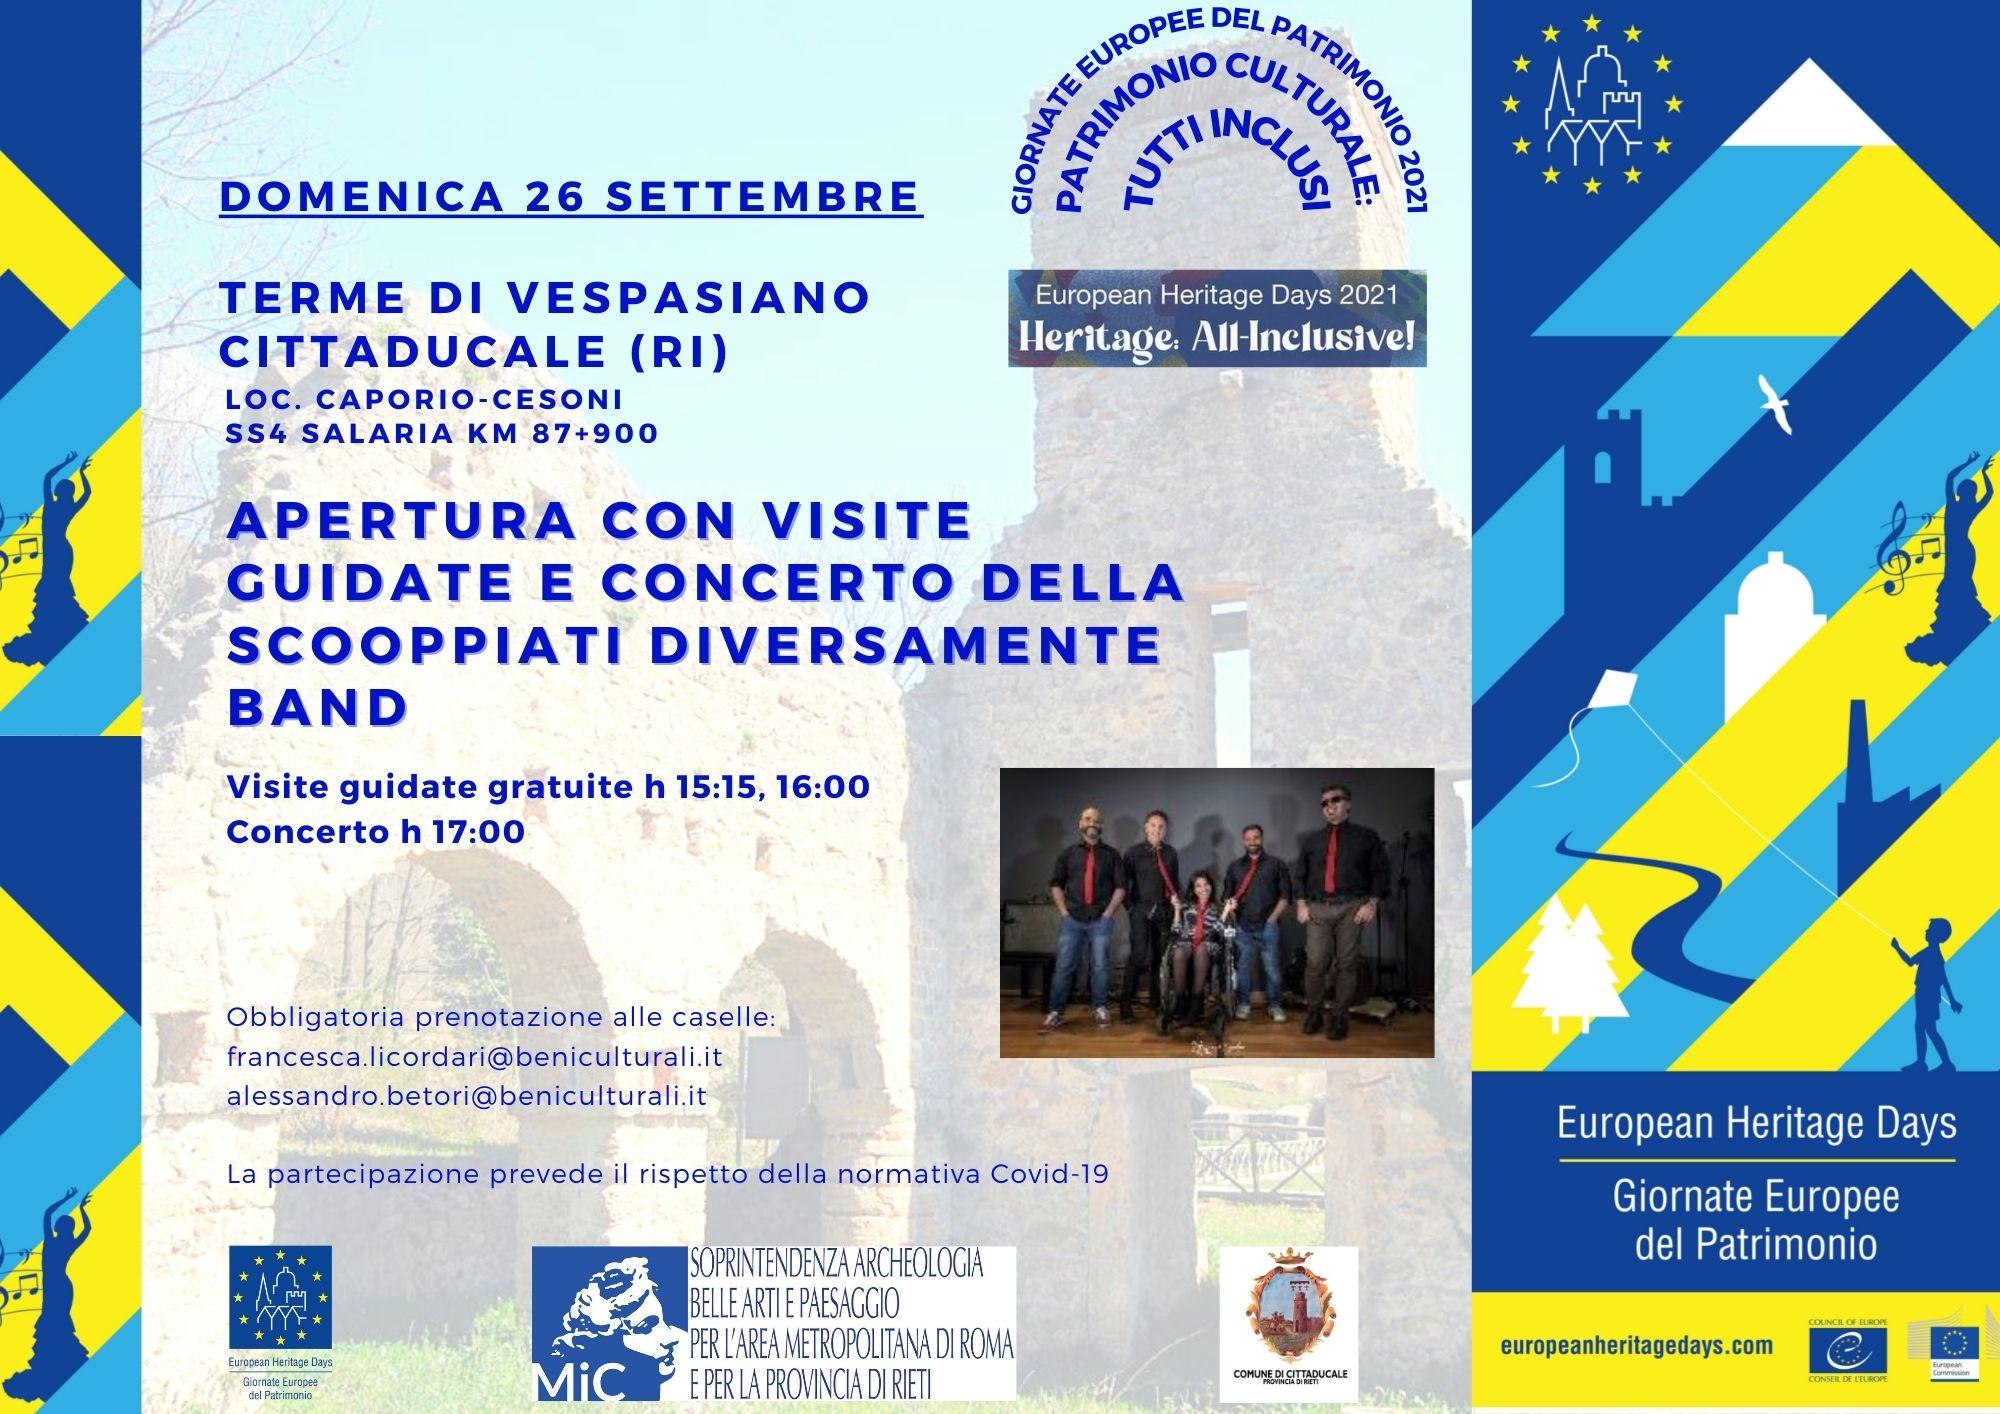 26 settembre: apertura delle Terme di Vespasiano con concerto per le GEP